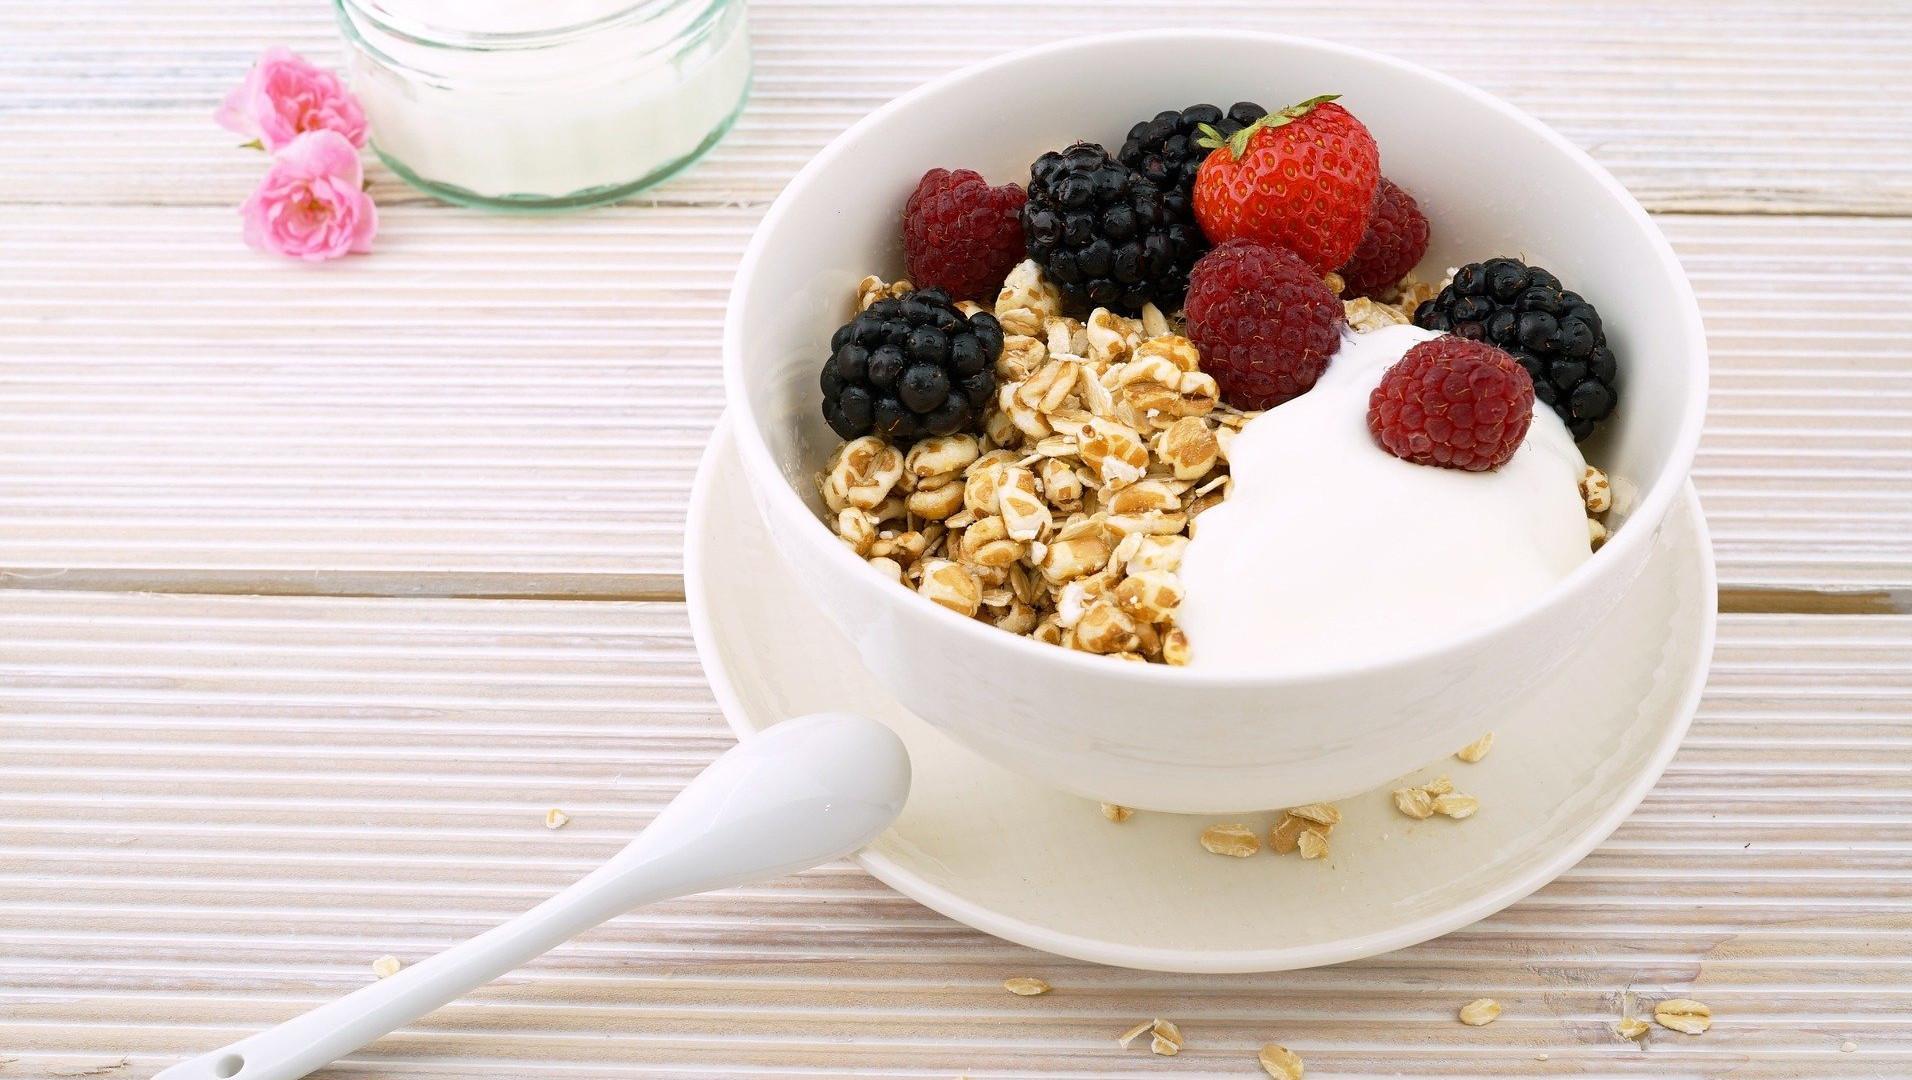 Kohlenhydrate sind wichtig für den Muskelaufbau. Ein empfehlenswertes Lebensmittel mit vielen Kohlehydraten sind Haferflocken.